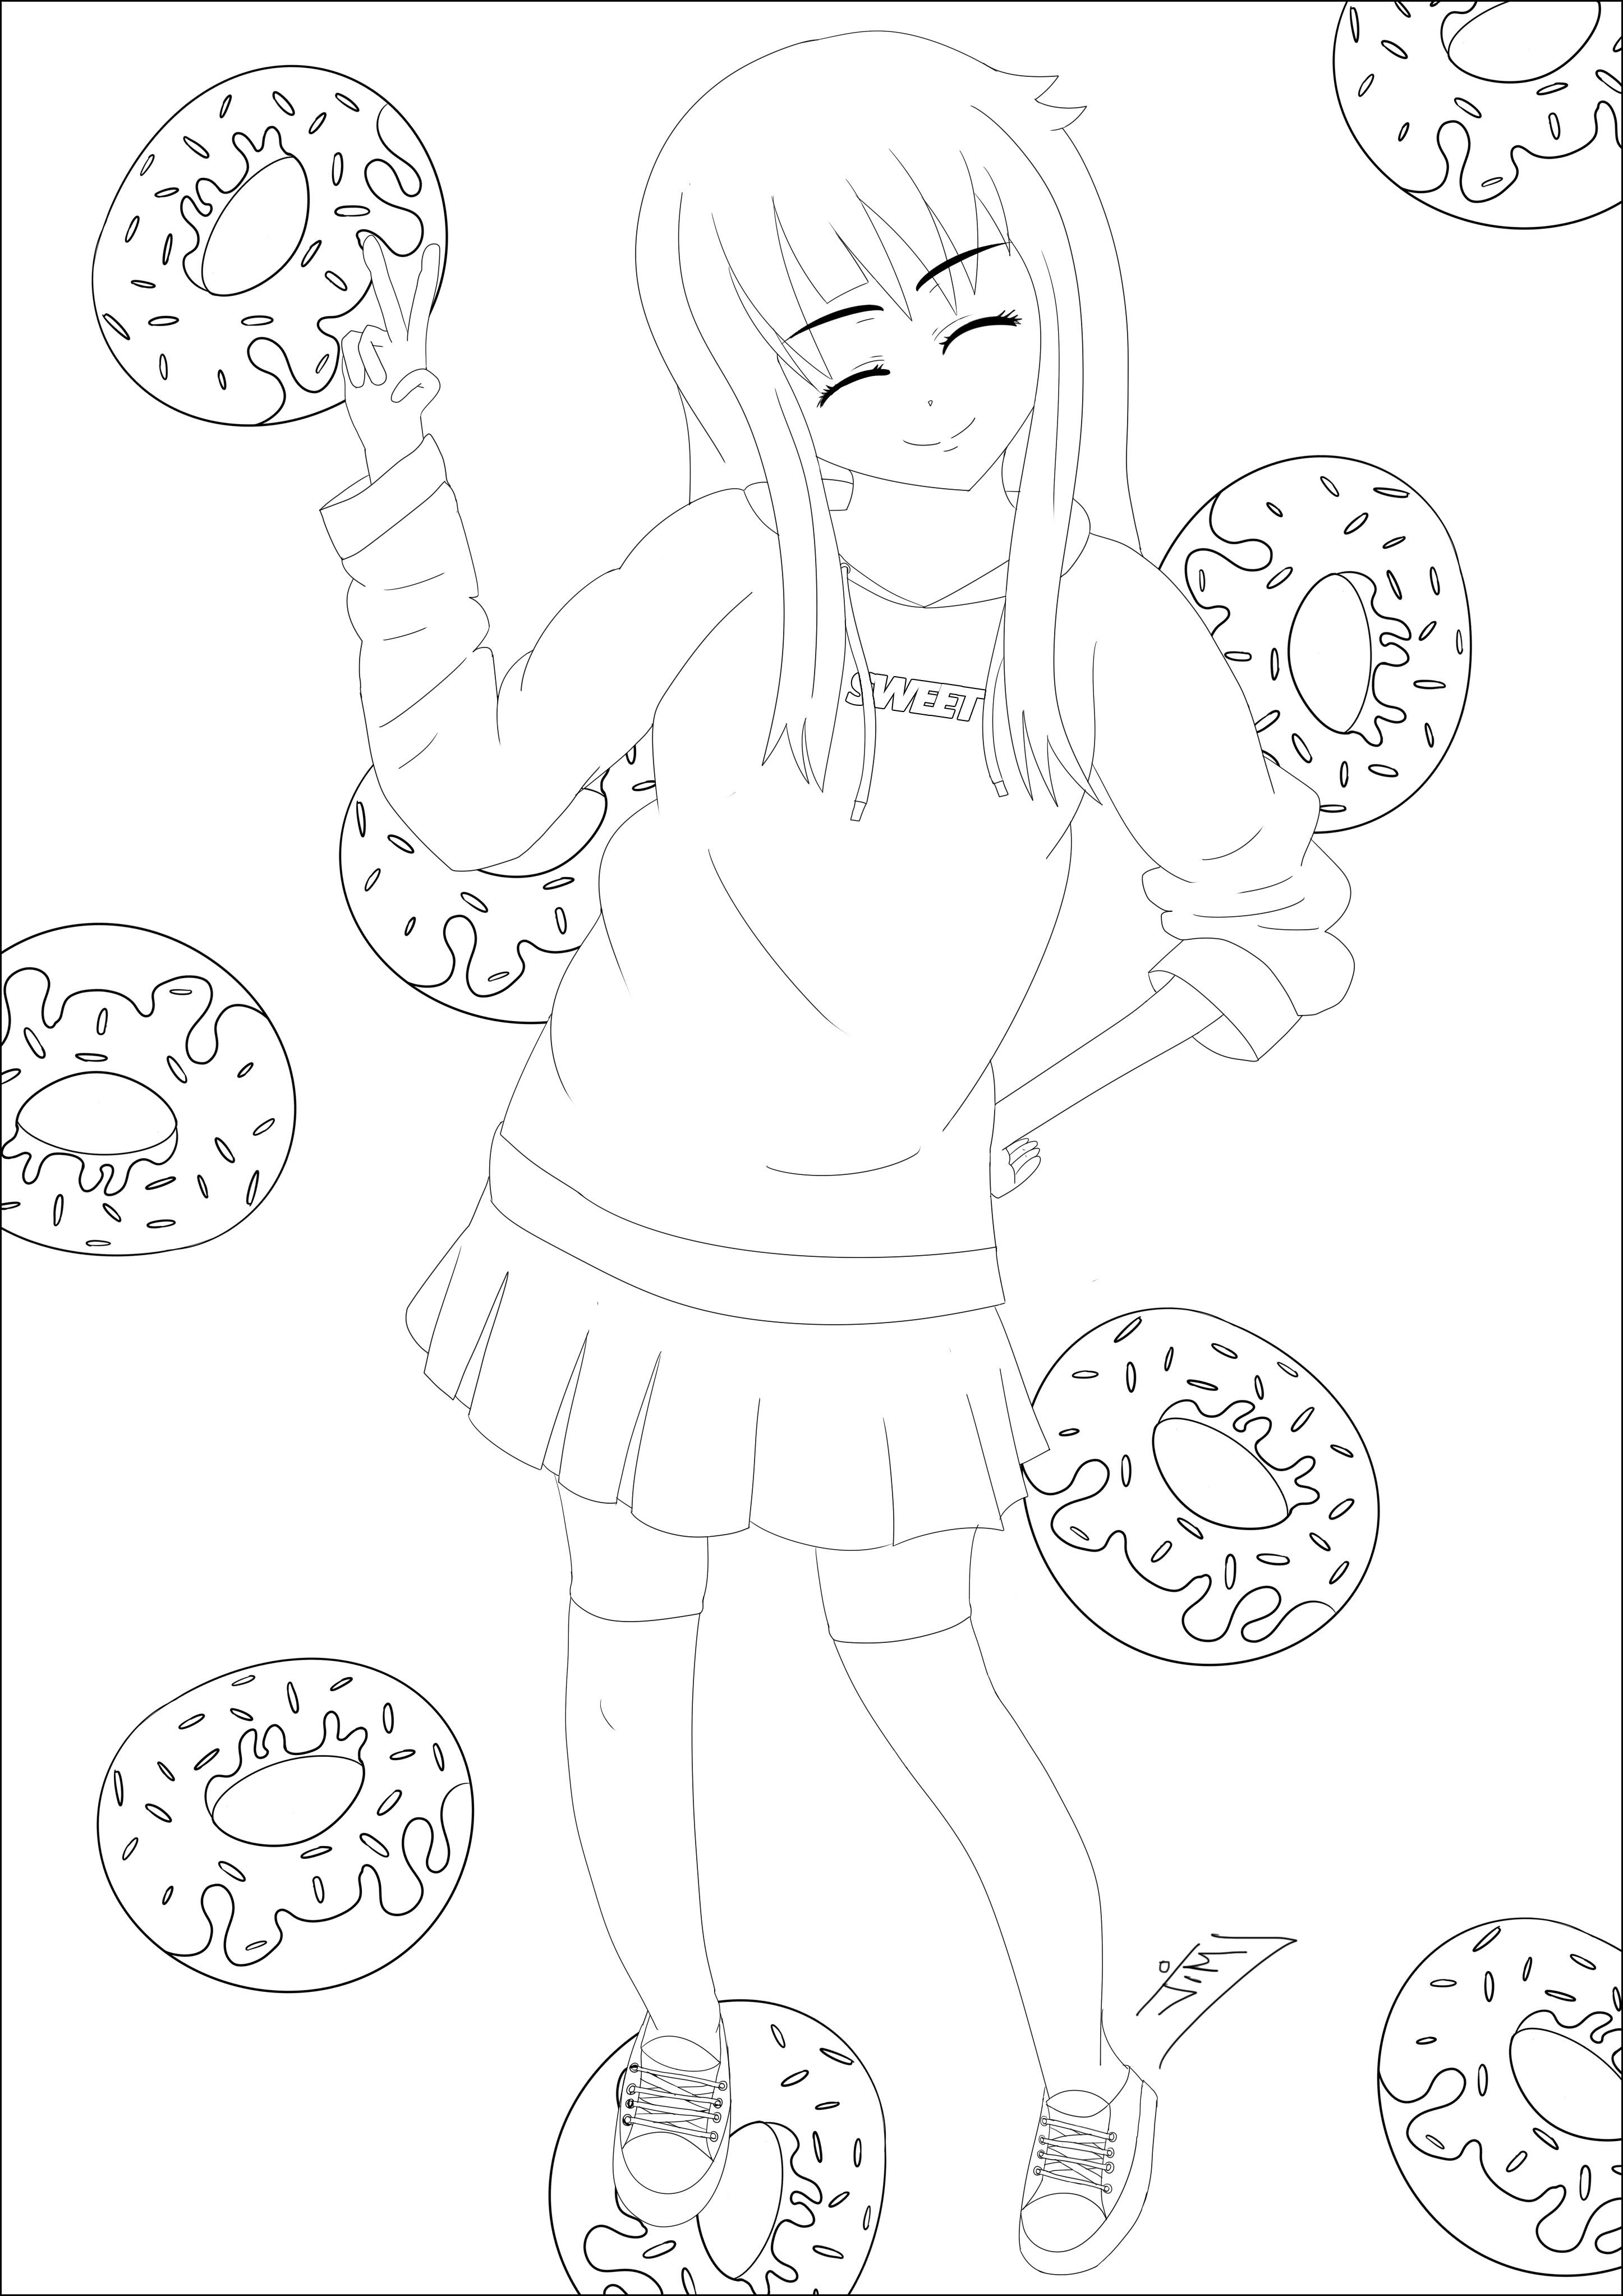 Jeune fille et une pluie de Donuts, un dessin au style très Manga / AnimeA partir de la galerie : MangasArtiste : Jim